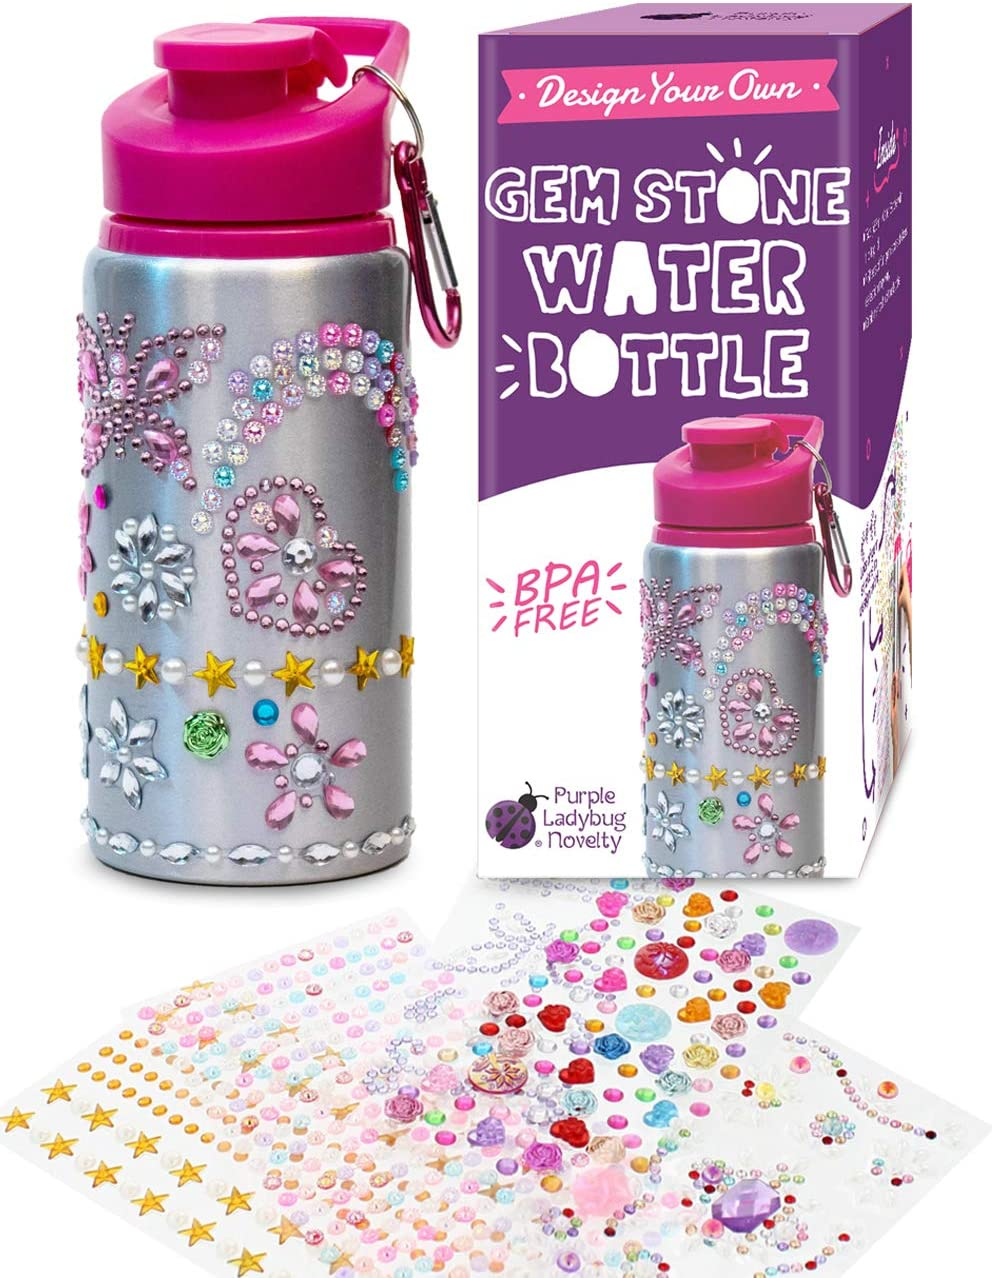 PurpleLadybugNovelty – Crea tu Propia Botella de Agua Personalizada con Pegatinas de Gemas Brillantes – Botella de Agua para Niños - Sin BPA - 590 ml – Ideal Regalo para Niña - Divertido DIY